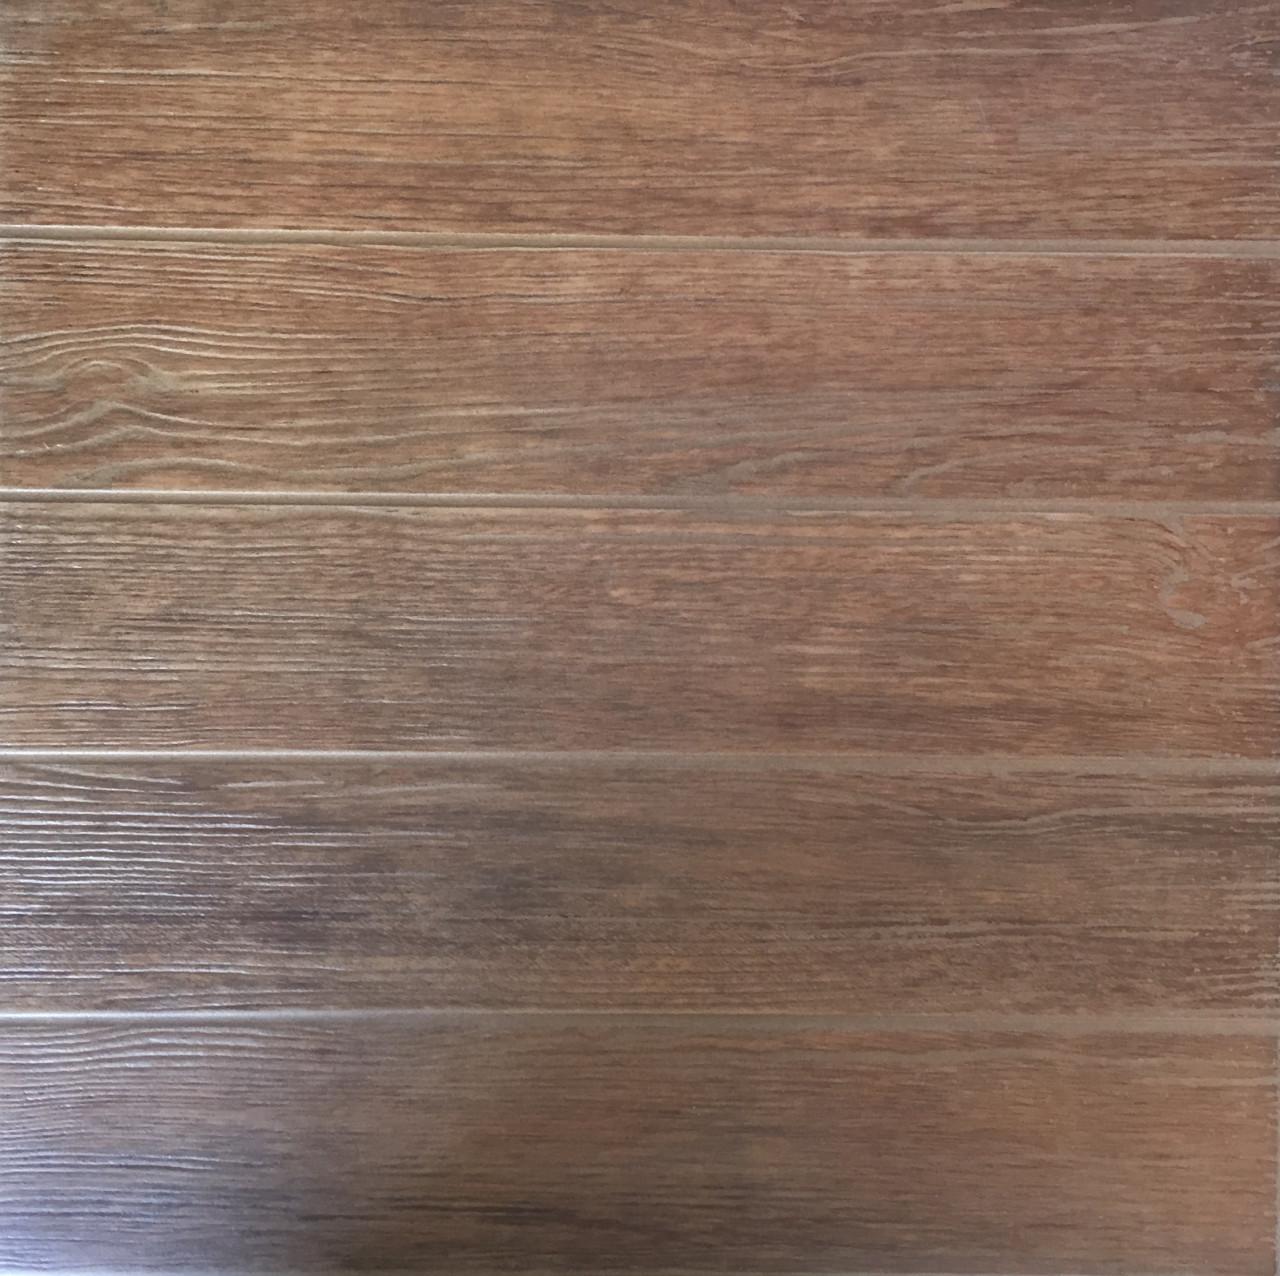 Precio gres imitacion madera reforma de apartamento en - Porcelanico imitacion madera precio ...